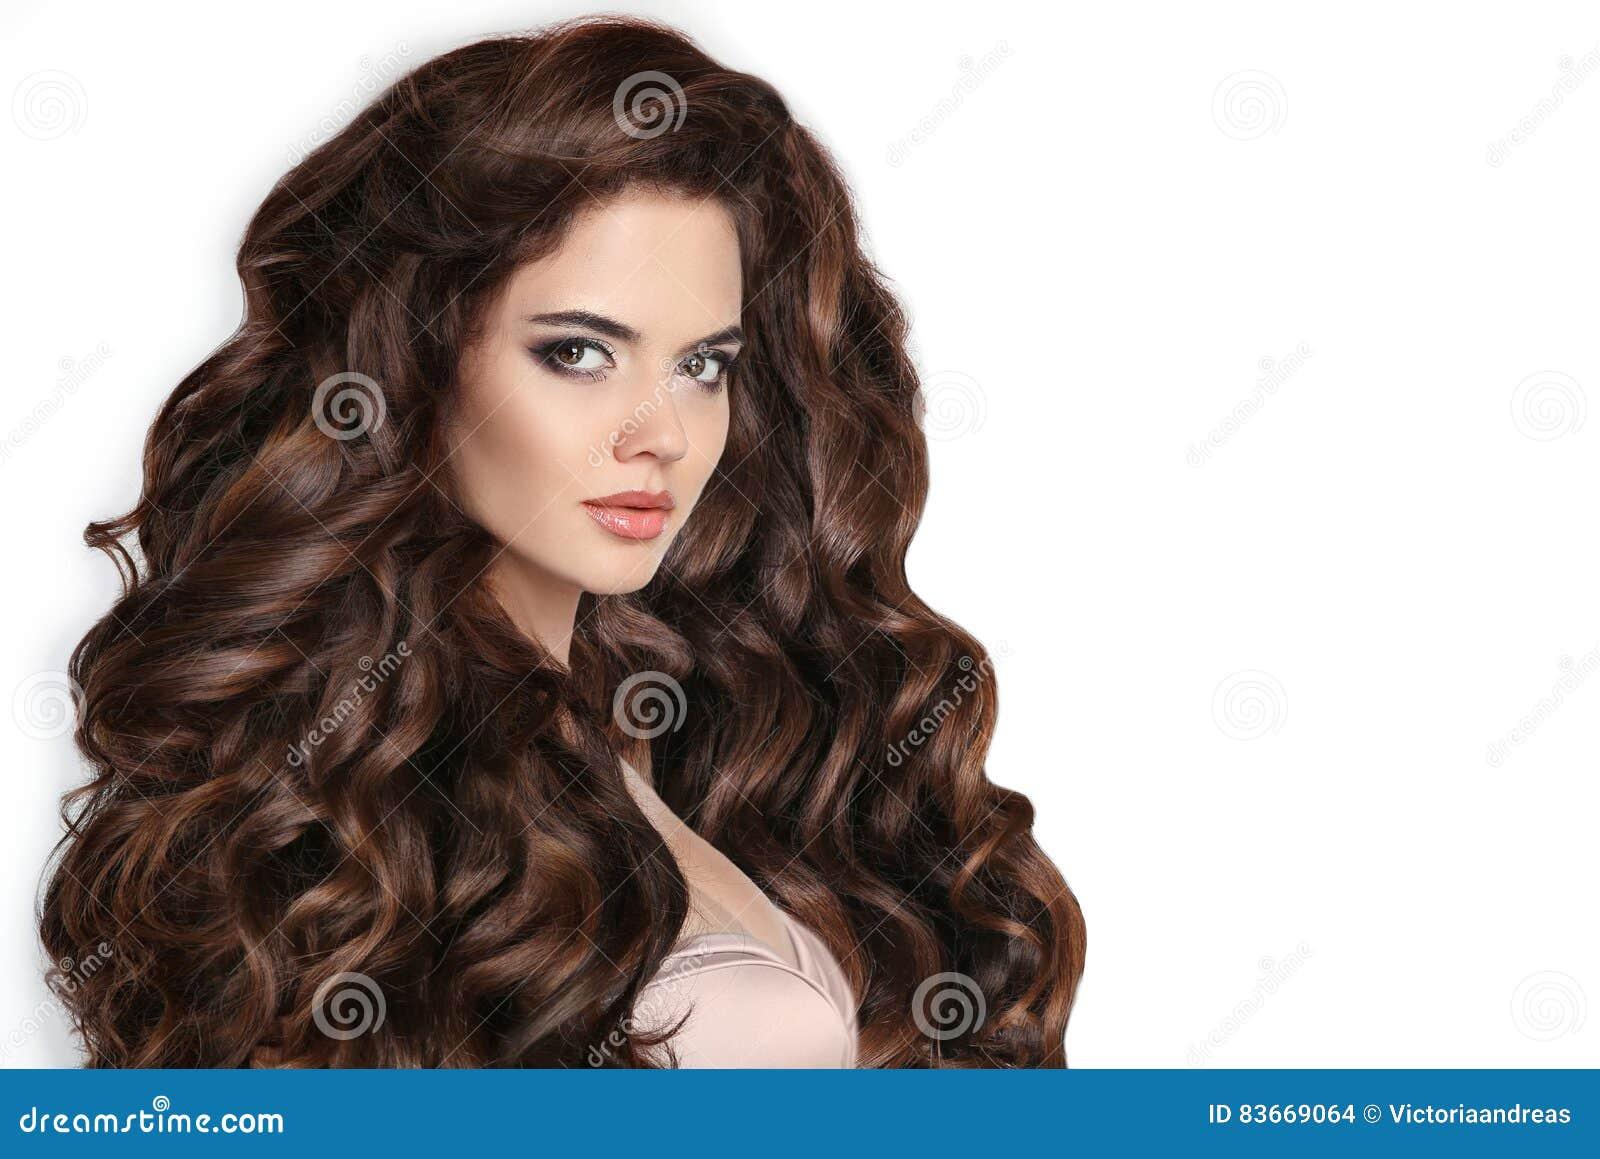 Rizado cabello largo morena desnuda